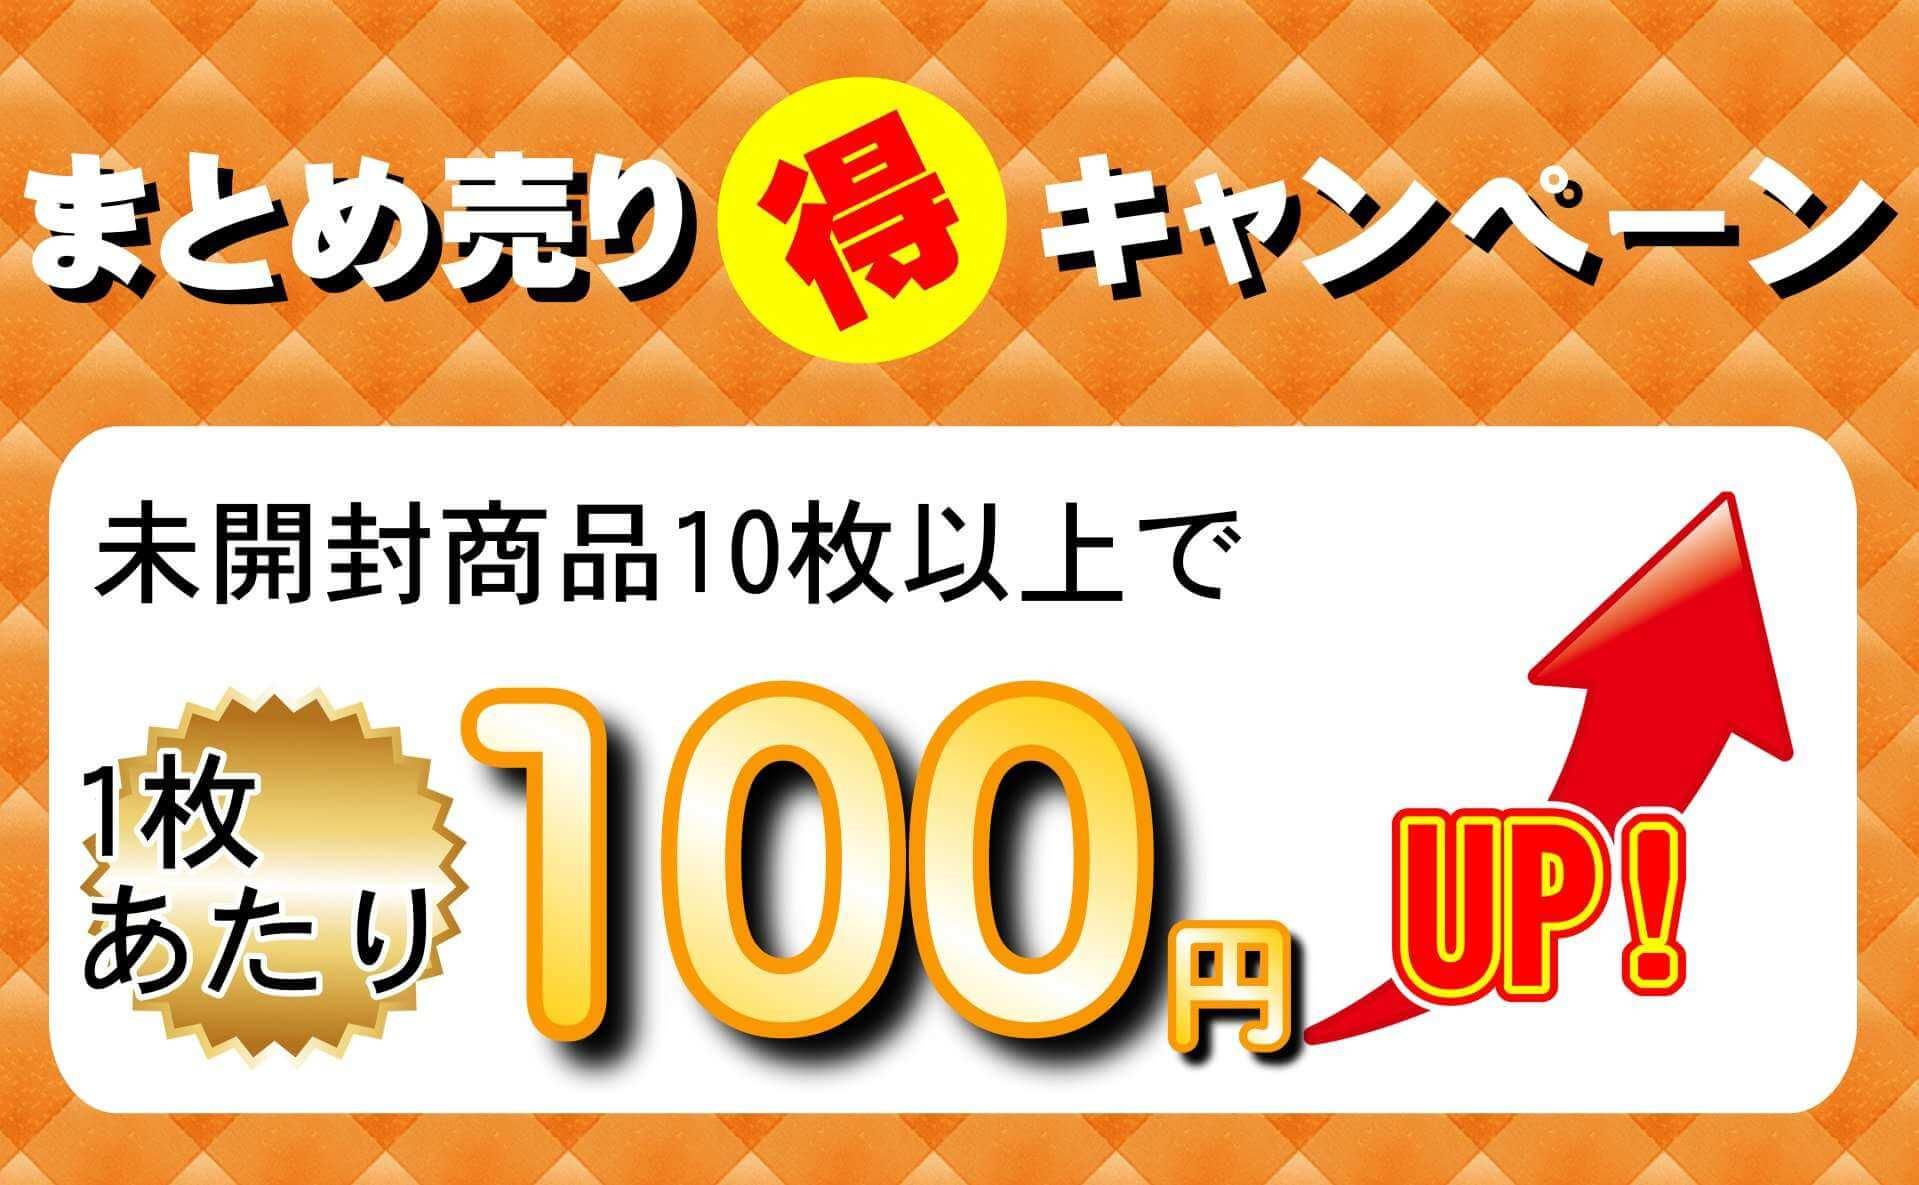 まとめ売り丸得キャンペーン。未開封金パラ製品10枚以上で1枚あたり100円買取価格アップします。